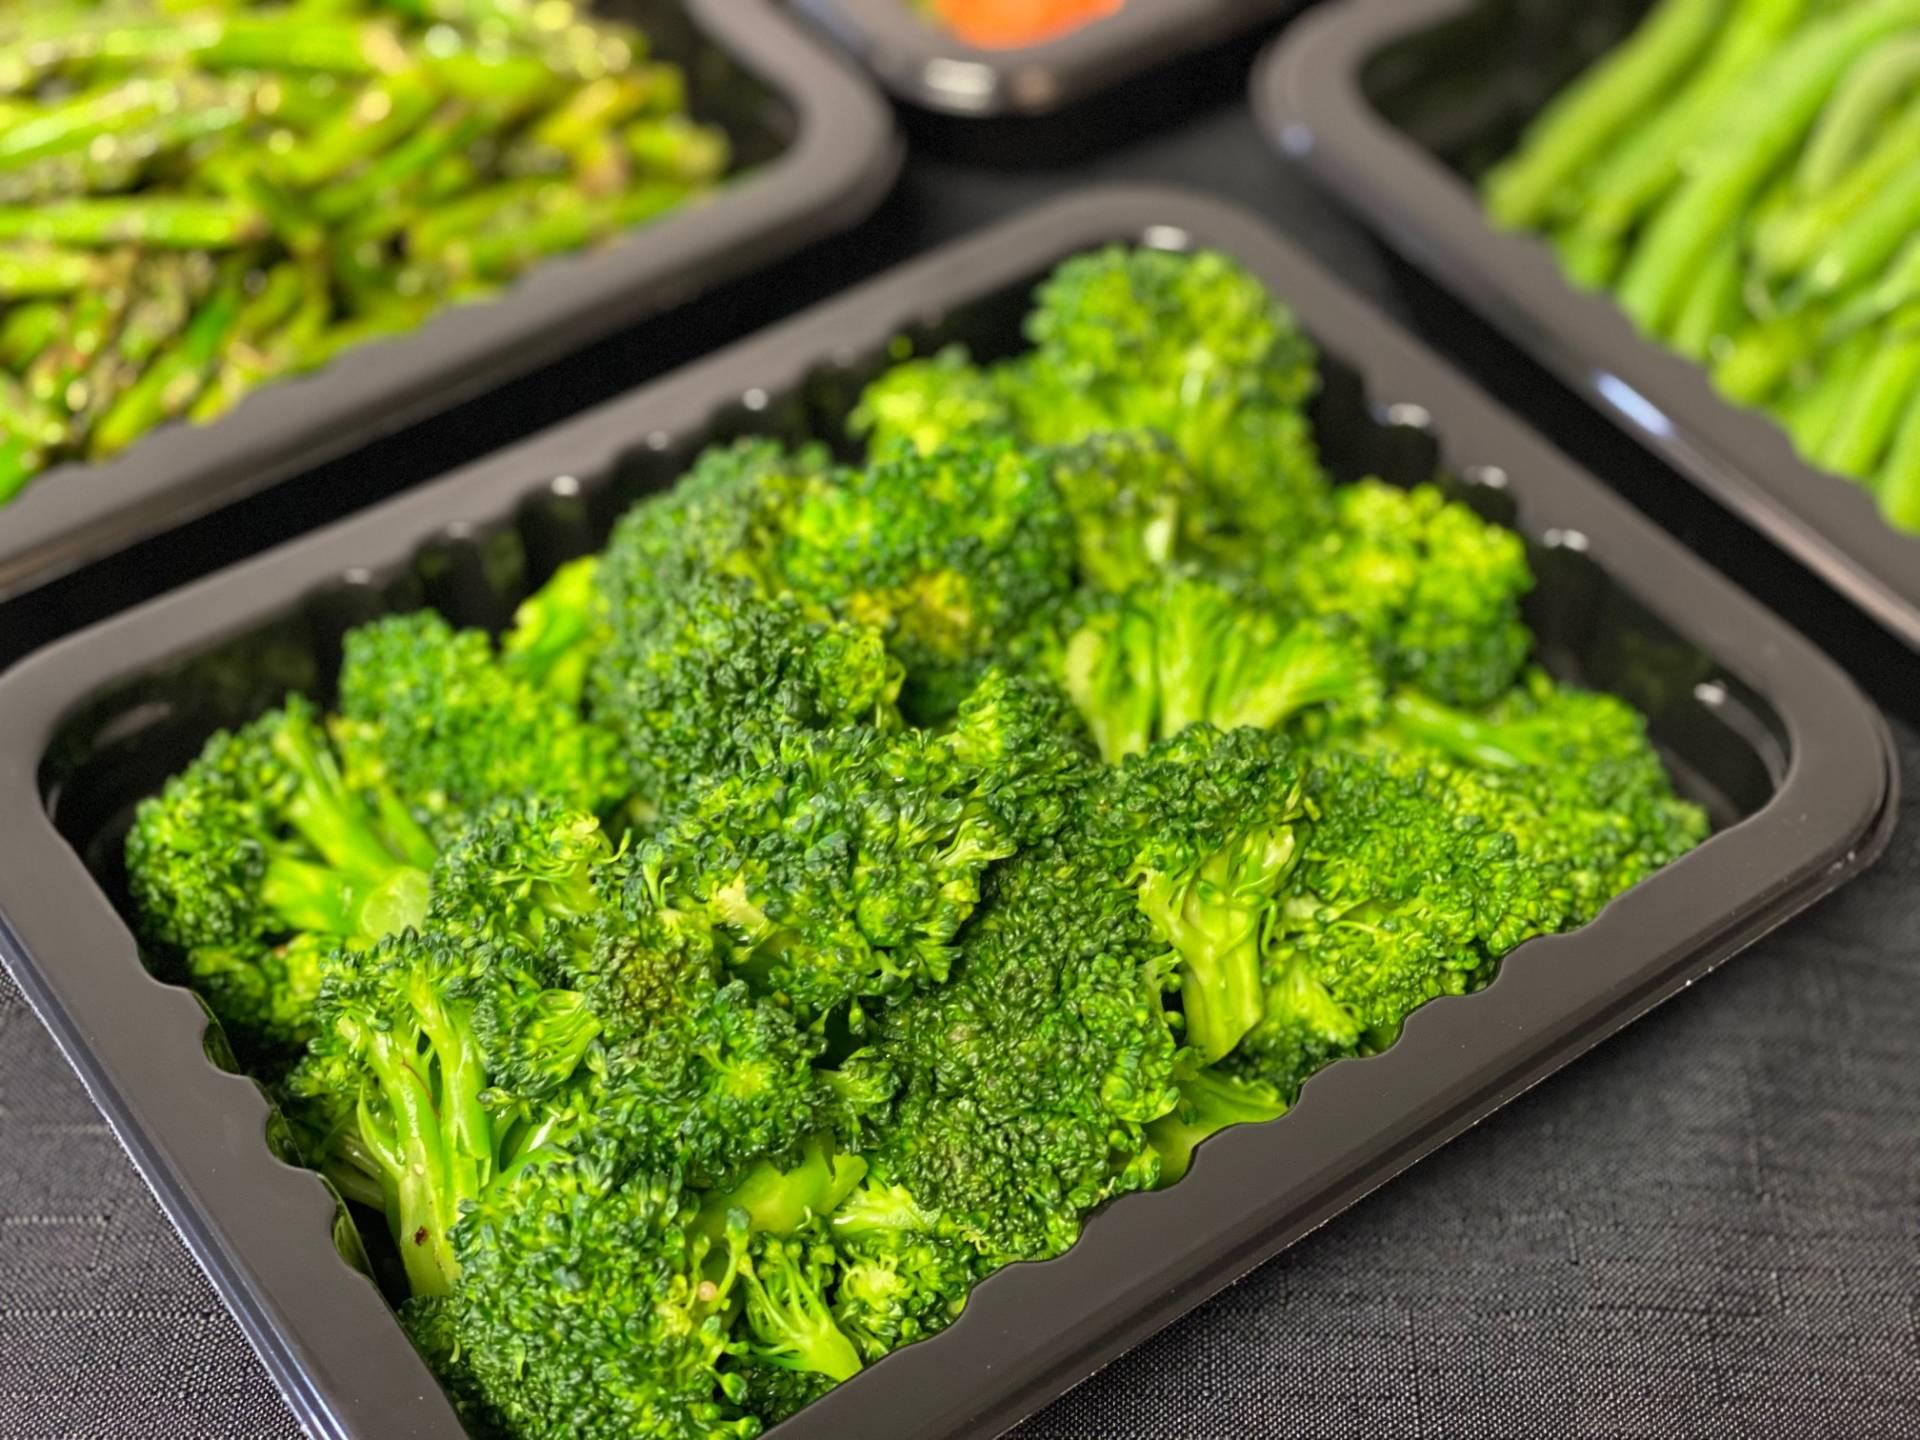 Xtra Broccoli